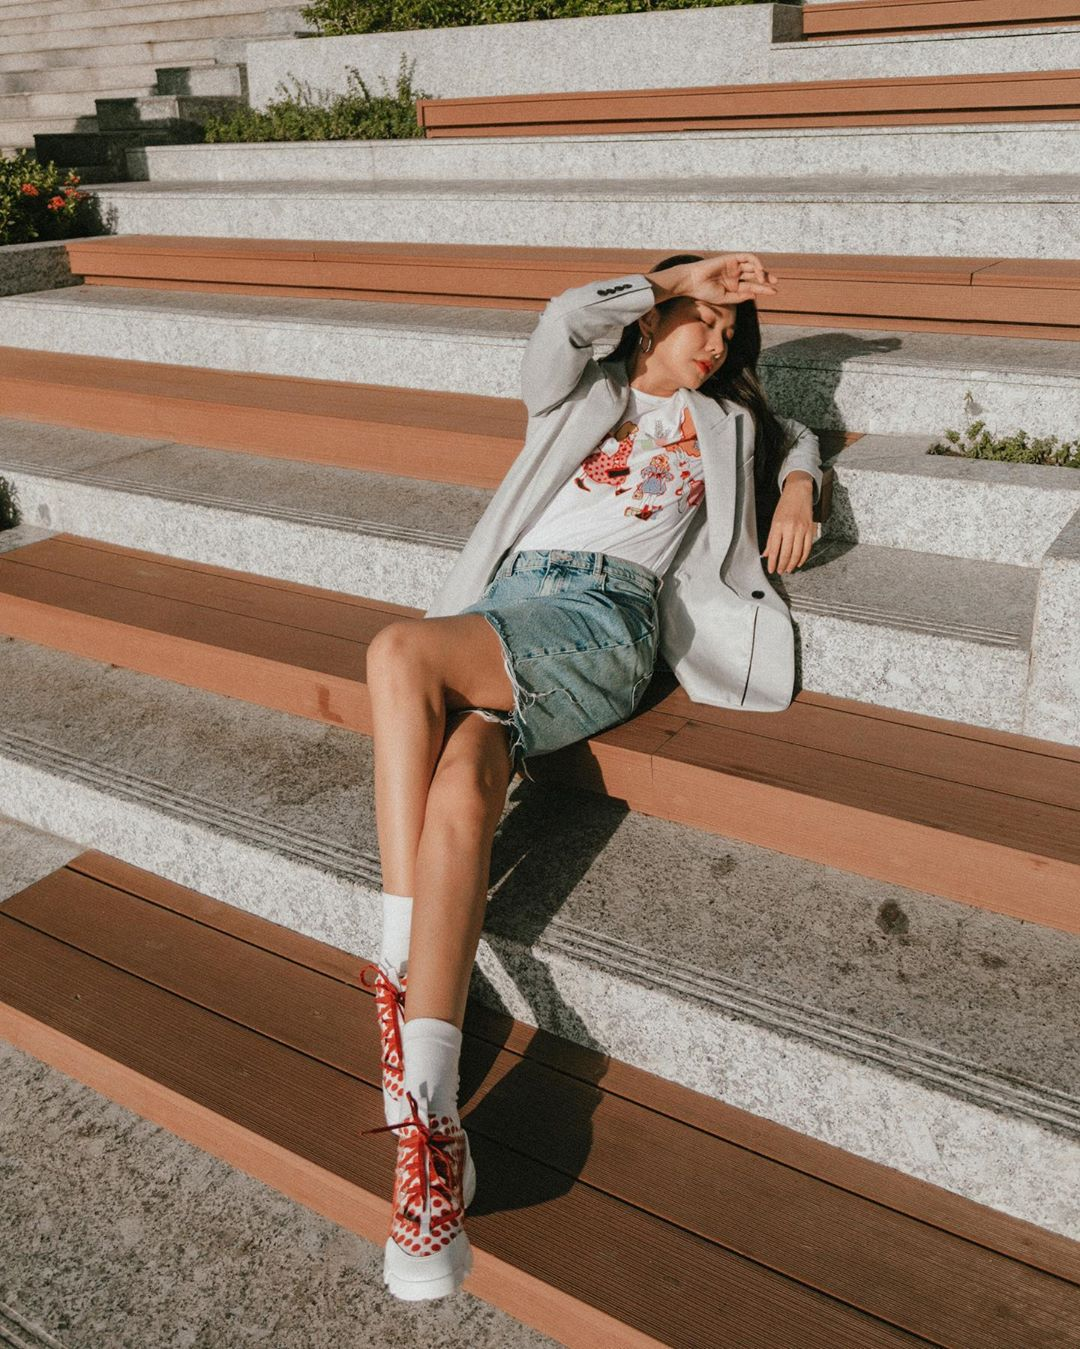 3 kiểu áo khoác khi trở lạnh được lòng hội chị em tuổi 30+ 'nhà Vbiz': Phạm Quỳnh Anh 'buông lơi' như idol Kpop, Hà Tăng lại hack tuổi đỉnh cao không thua gái 18 2